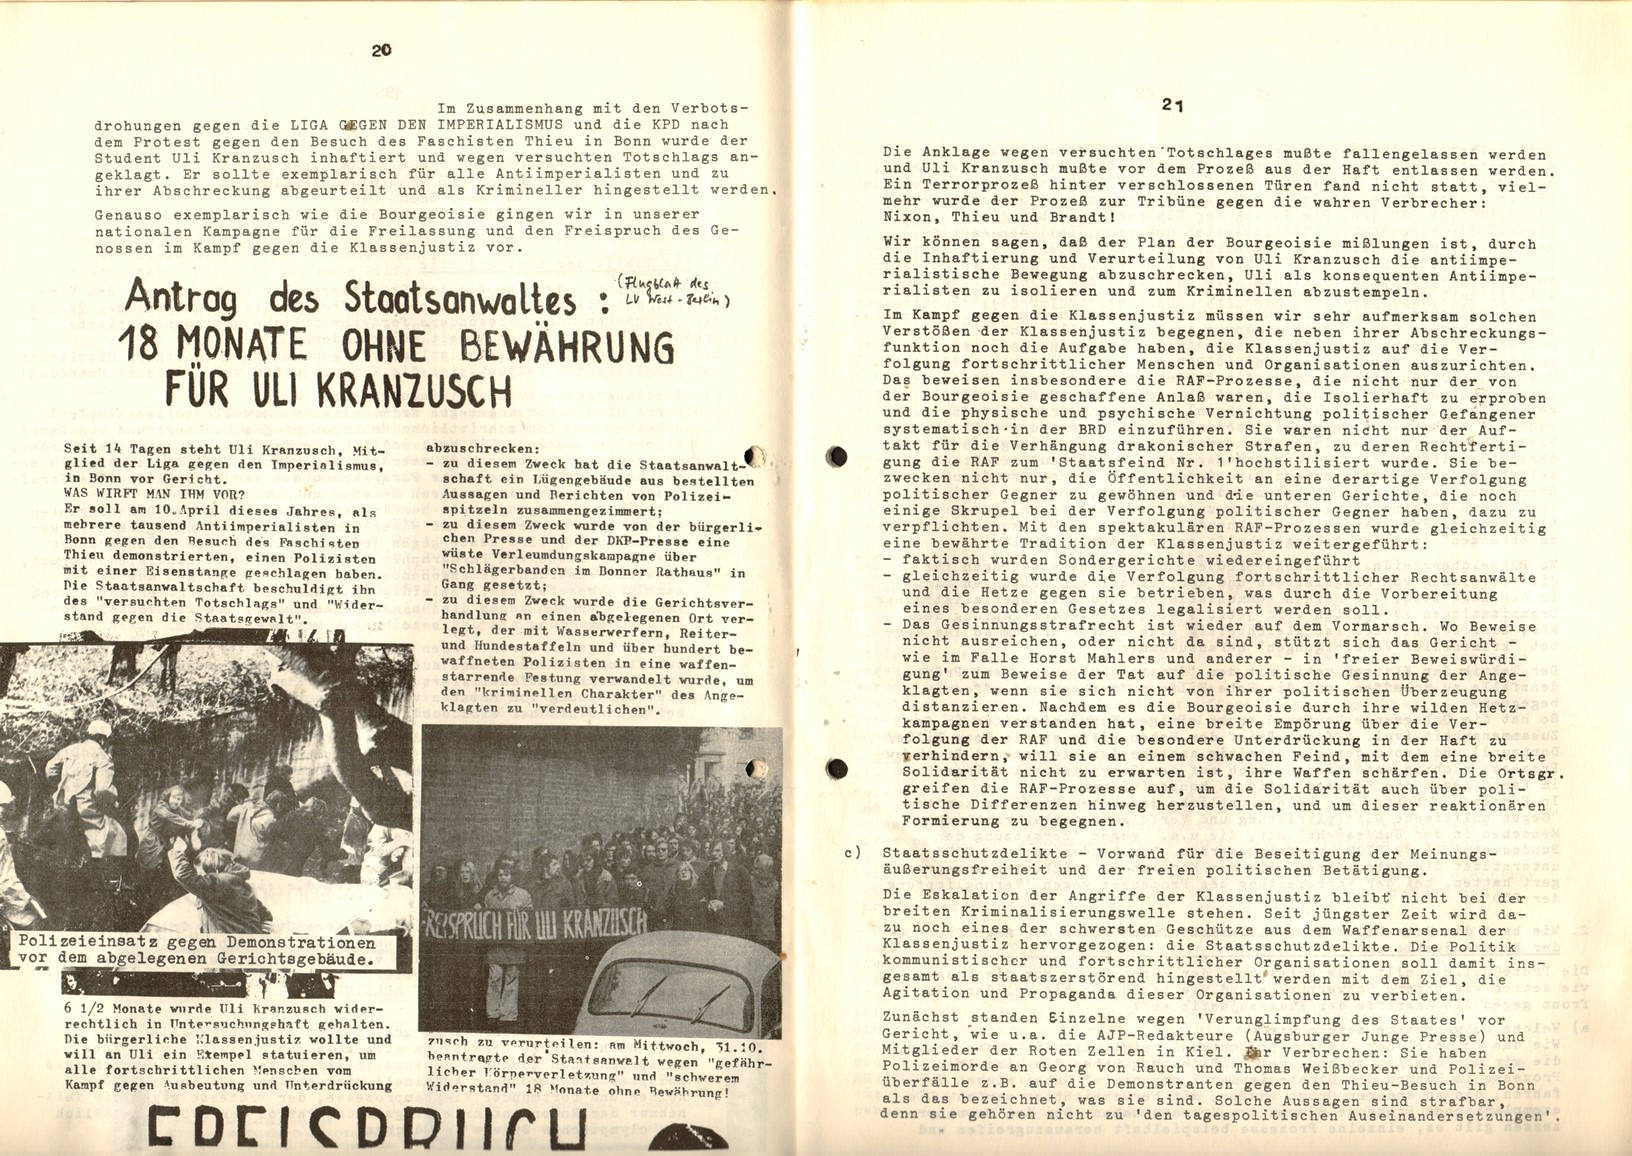 Dortmund_RHev_1974_Rechenschaftsbericht_12